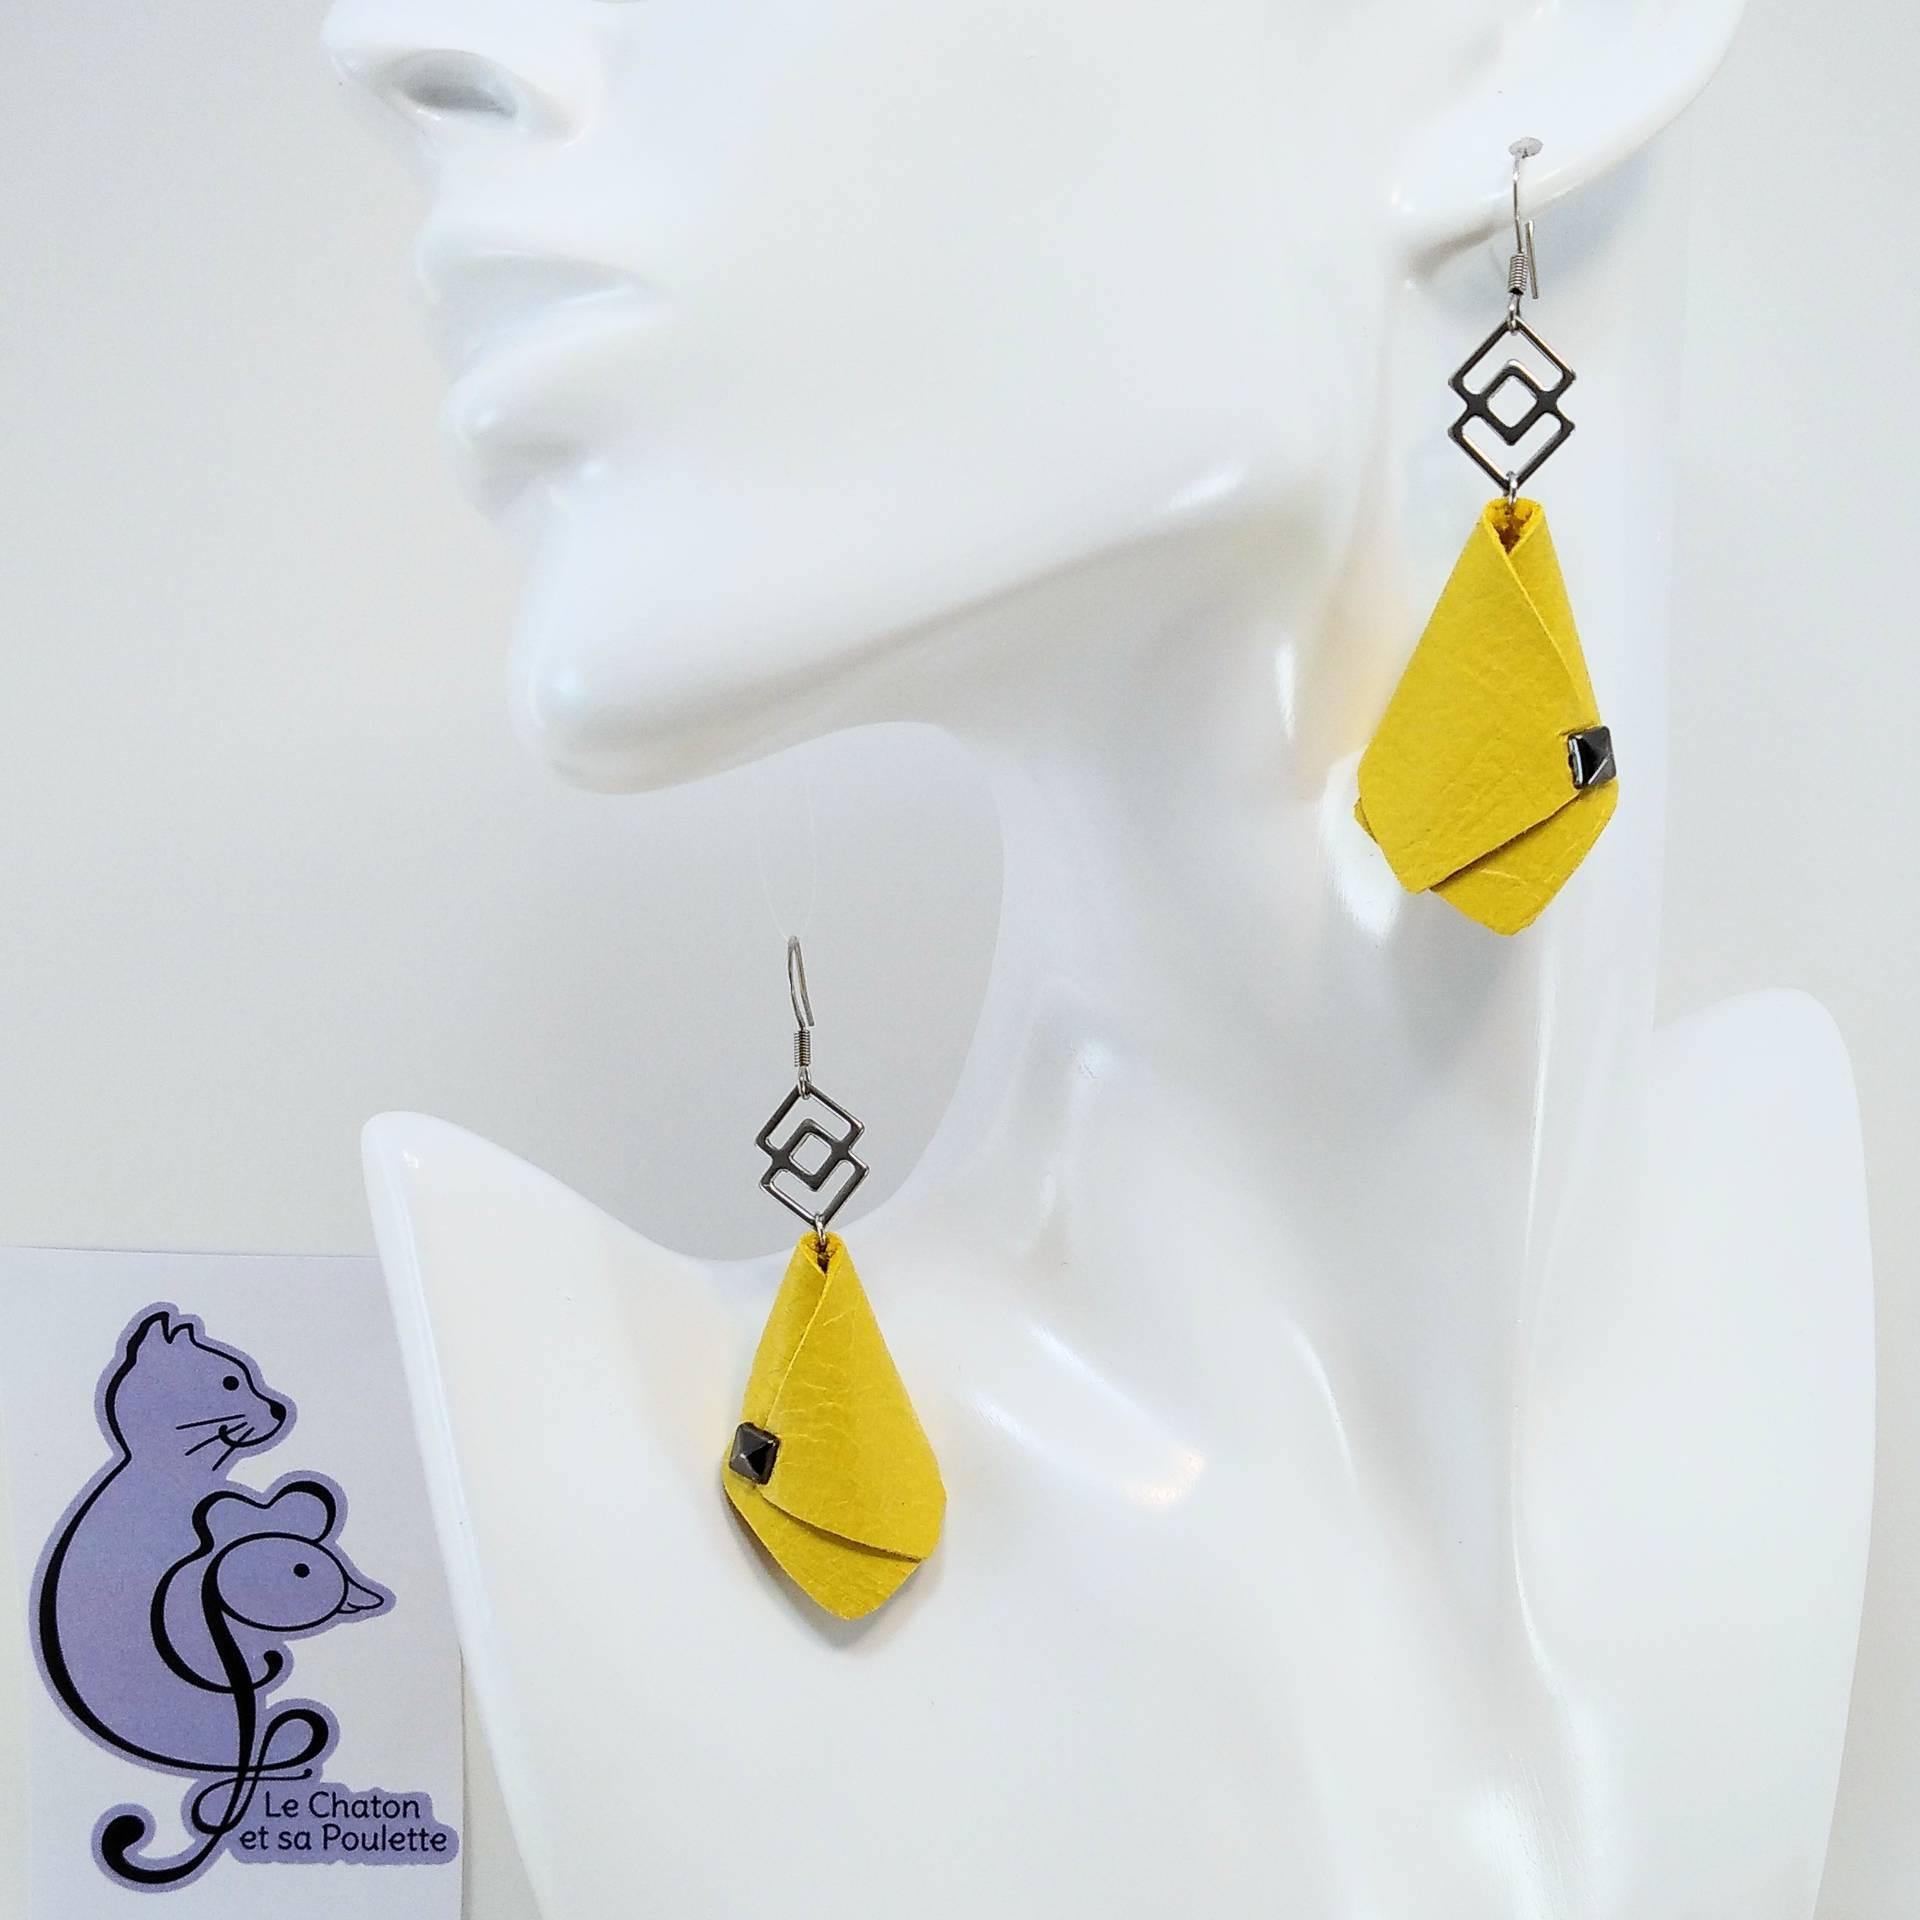 VENDUES ! BO FORMIDABLE modèle VAL Cuir jaune, breloque inox carrés entrelacés et carré diamant laiton noir